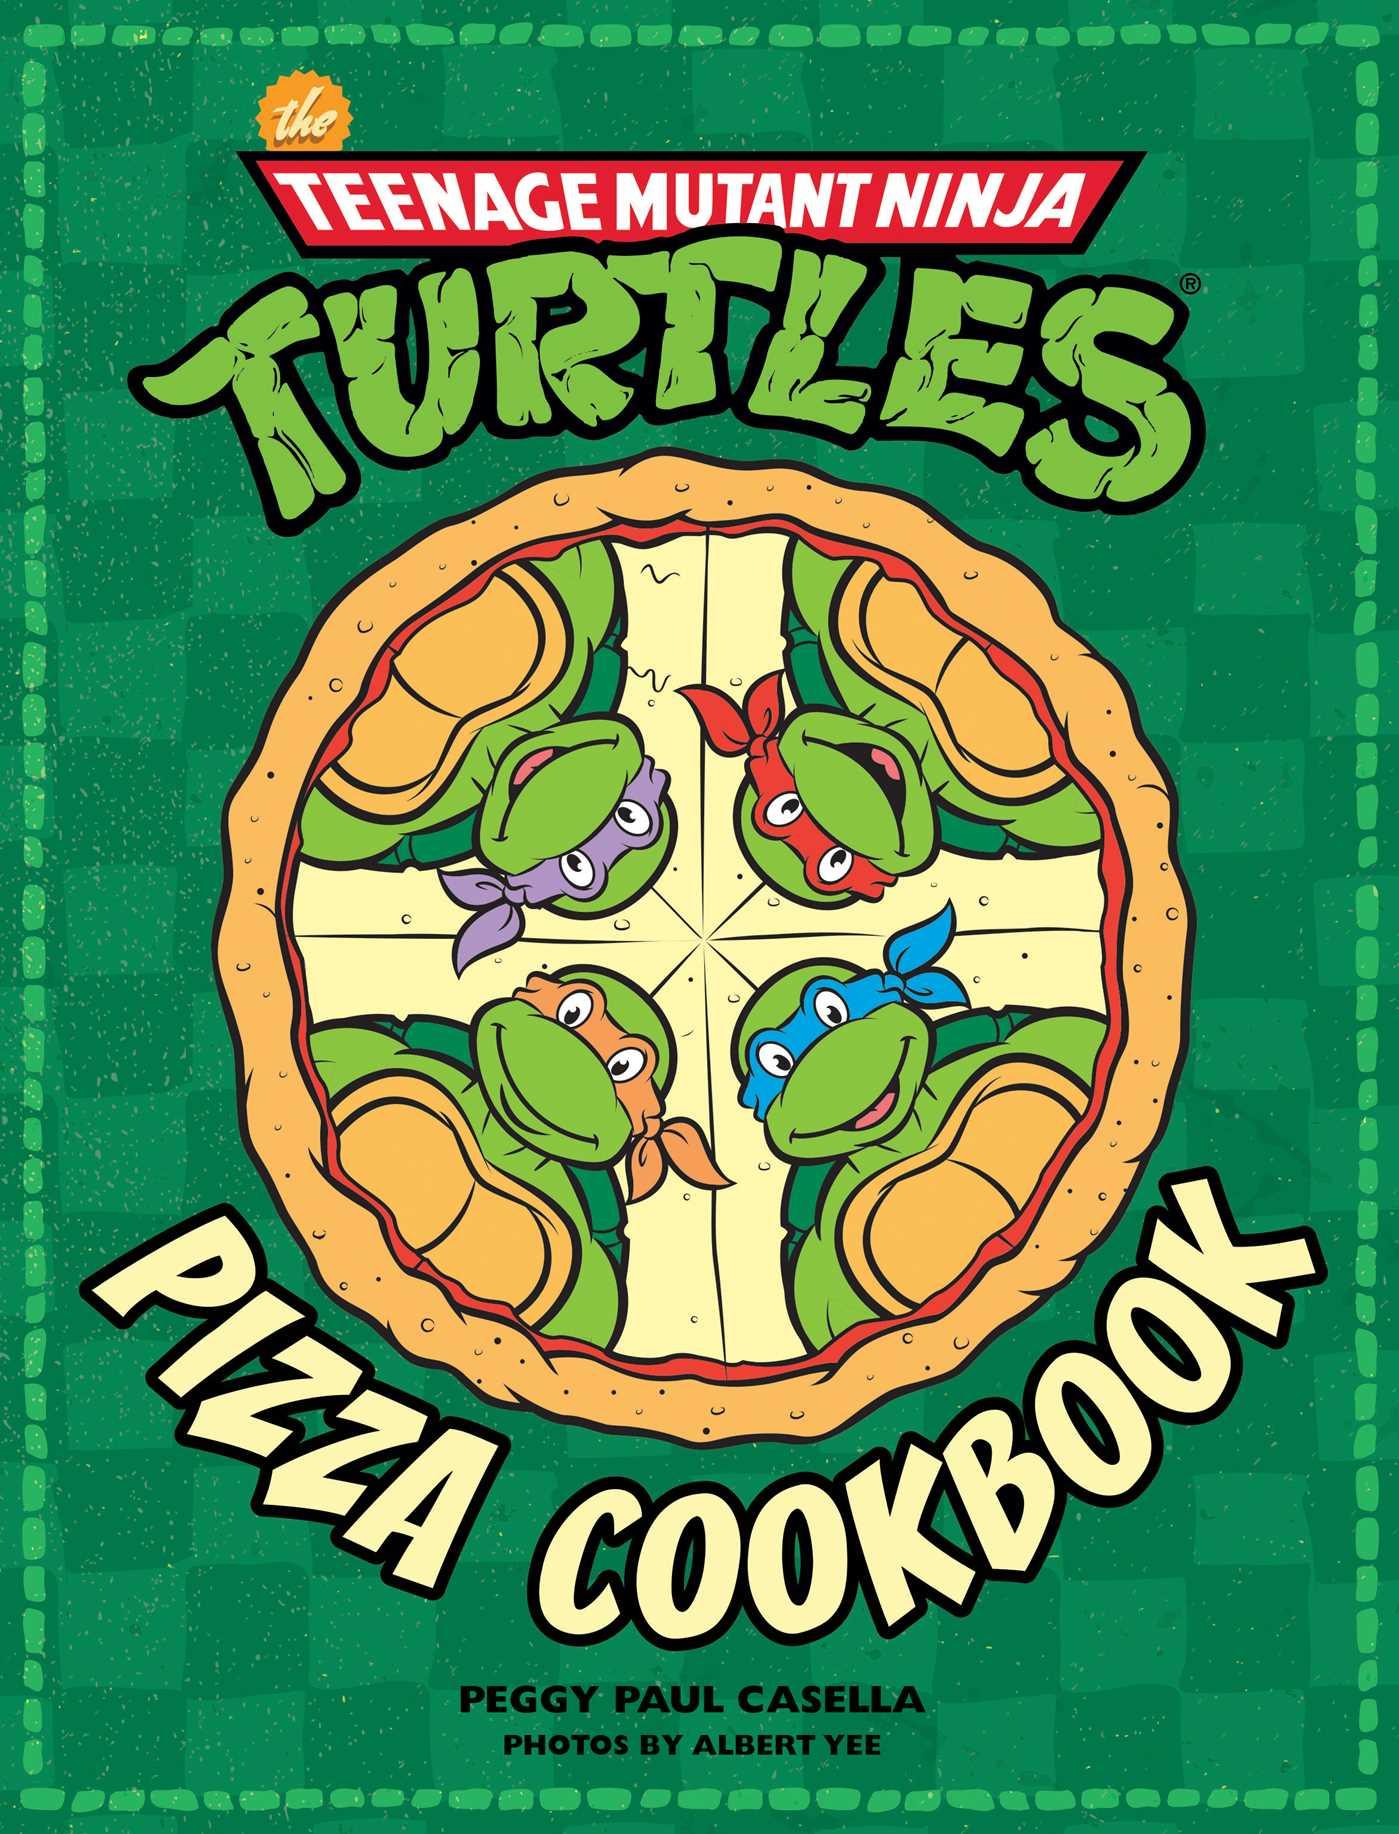 The teenage mutant ninja turtles pizza cookbook 9781608878314 hr